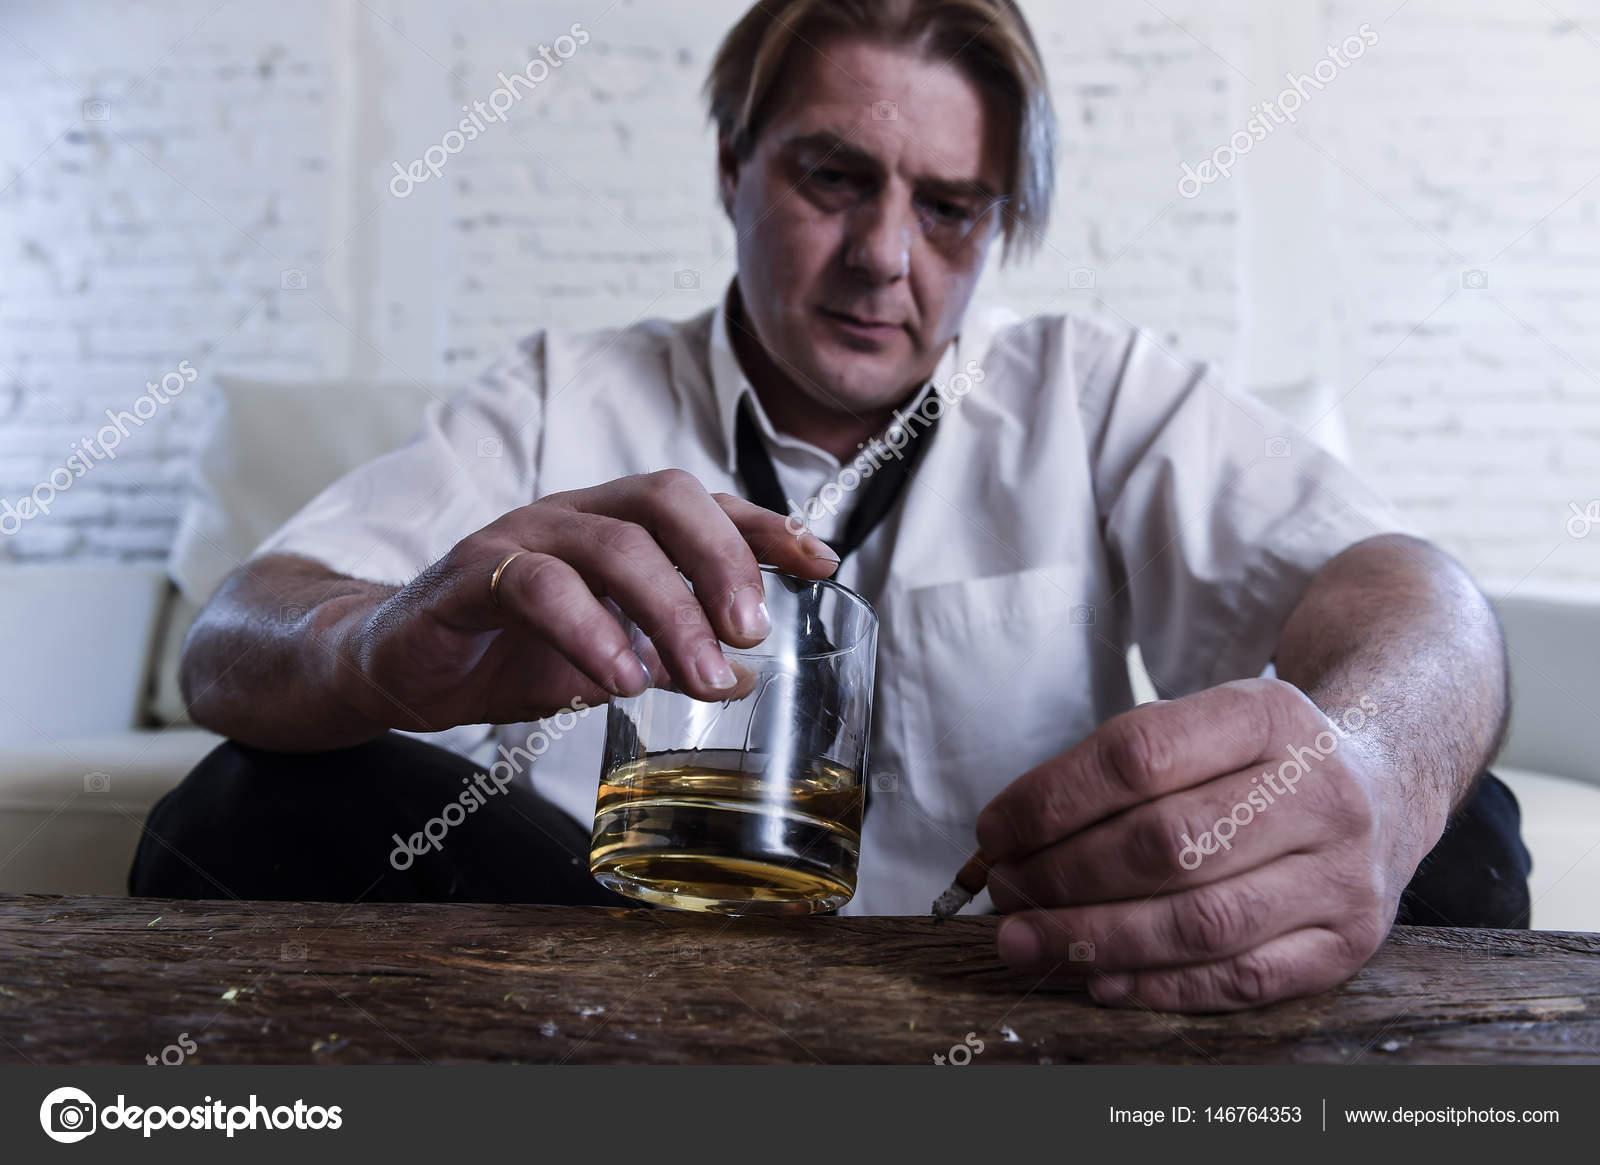 d prim s alcoolique homme d affaires avec cravate l che gaspill et bu boire whisky. Black Bedroom Furniture Sets. Home Design Ideas